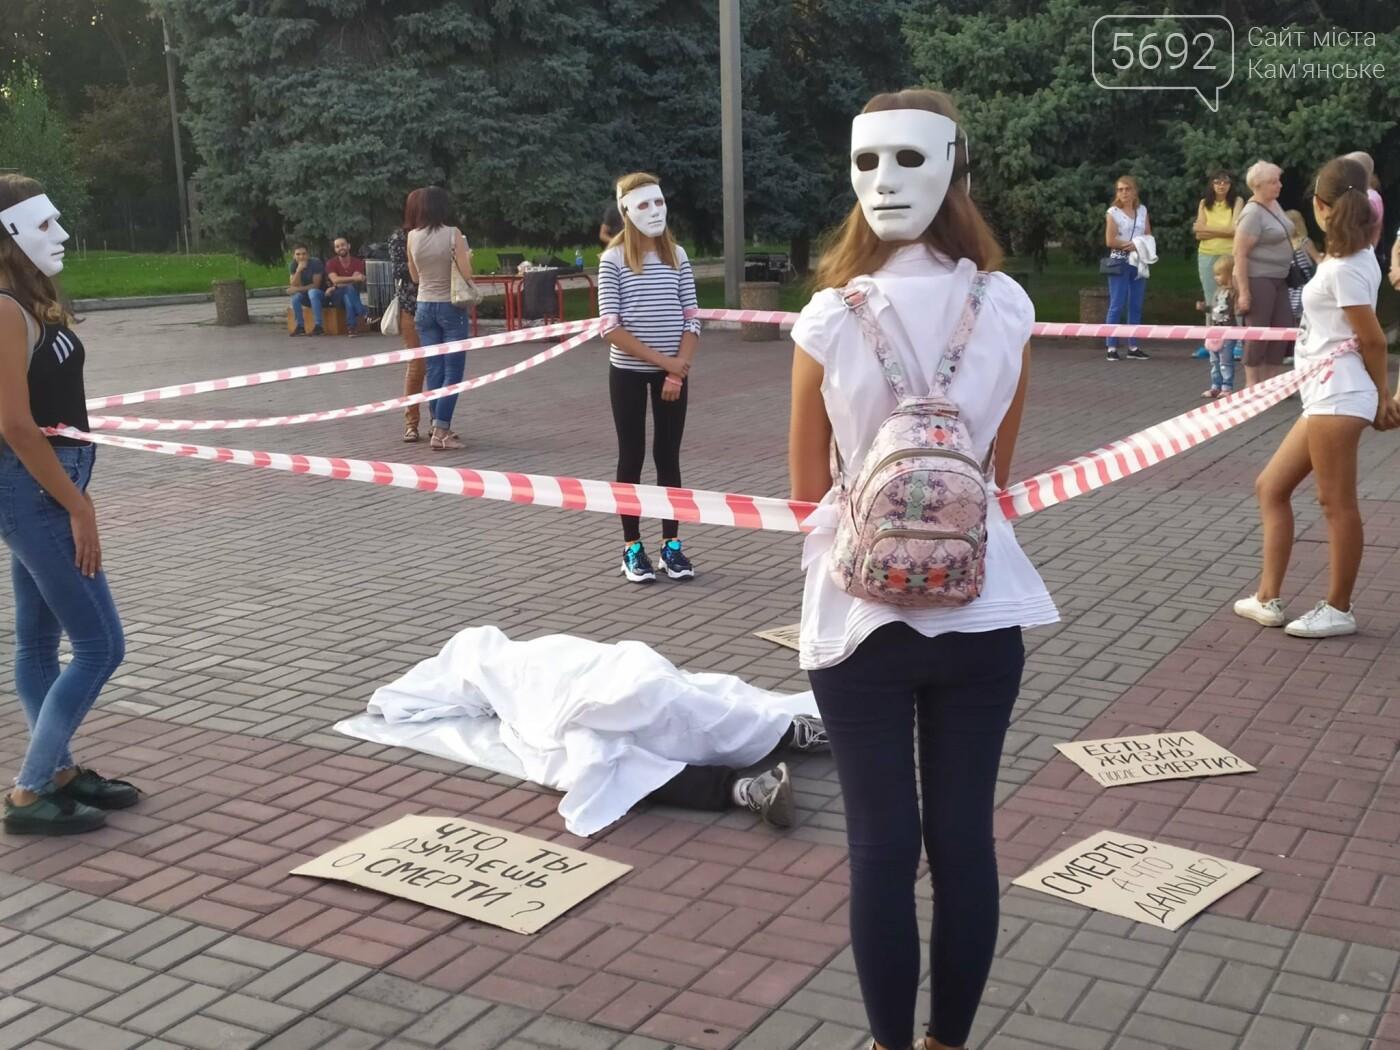 Жизнь после смерти: в центре Каменского прошла необычная акция, фото-1